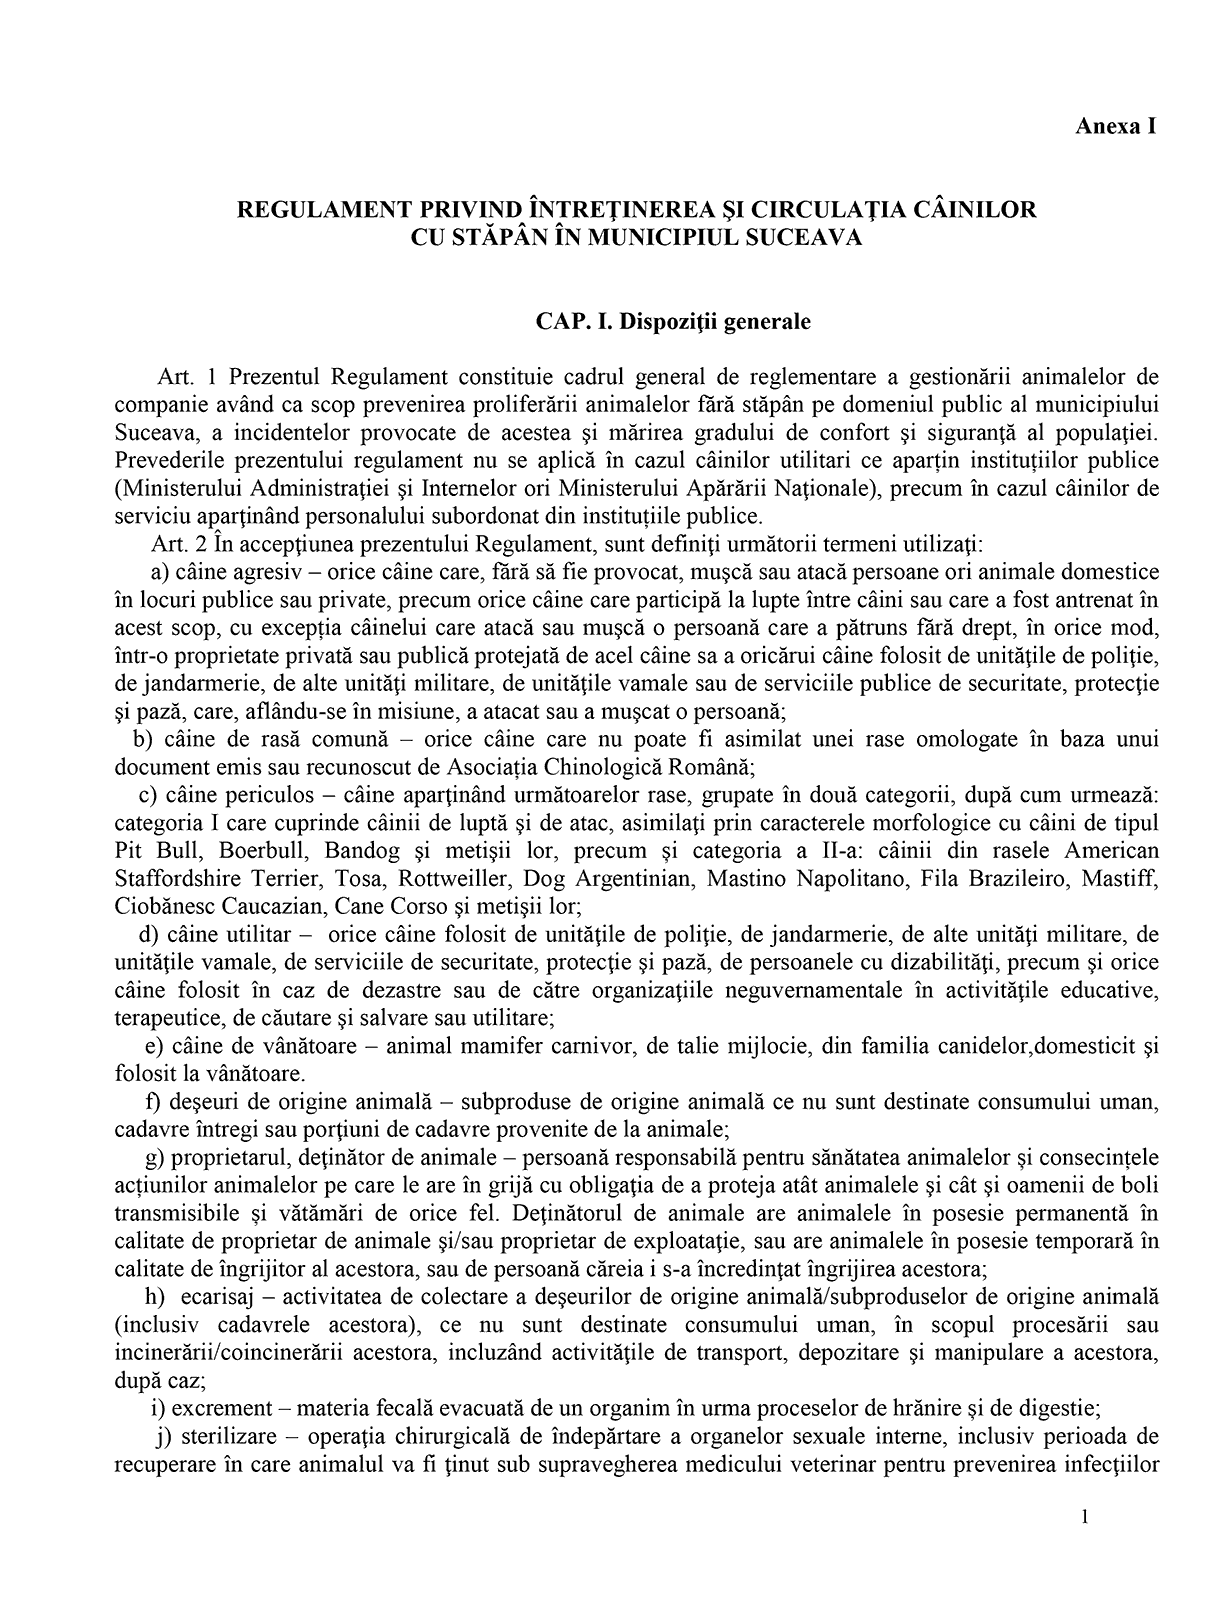 Regulament privind întreținerea și circulația câinilor cu stăpân în municipiul Suceava